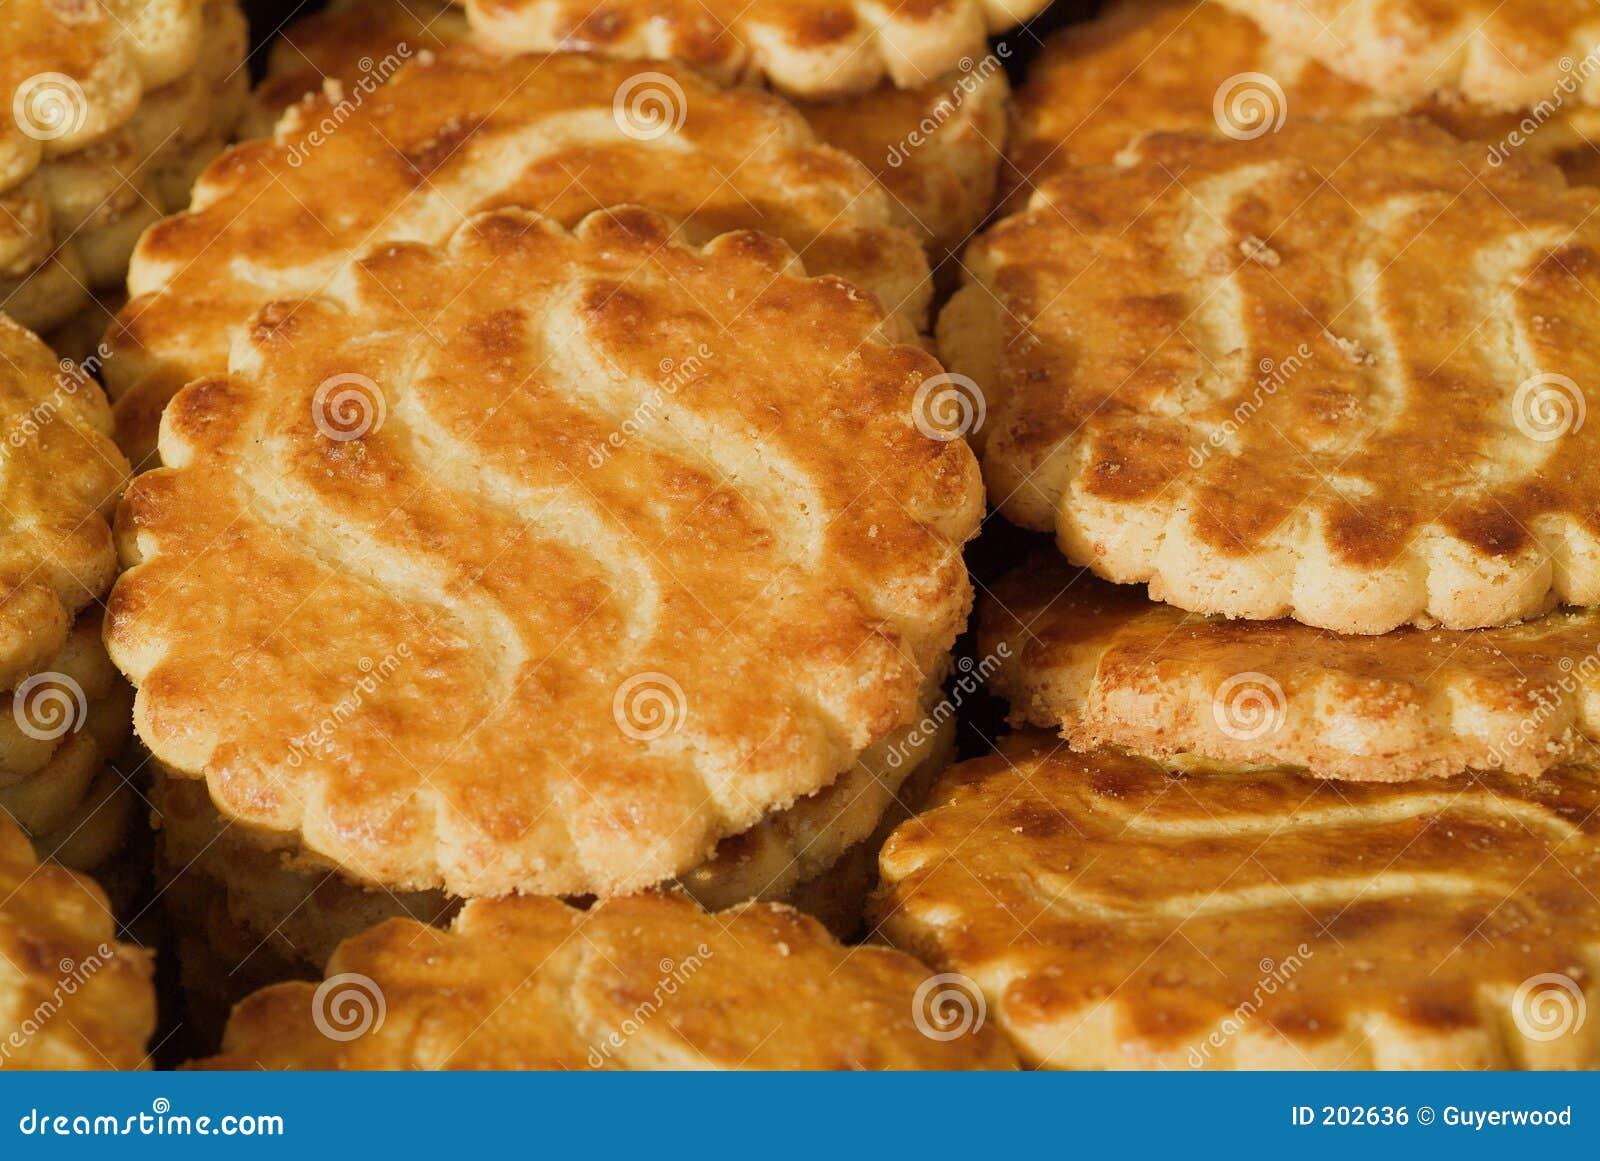 Biscotti Crunchy